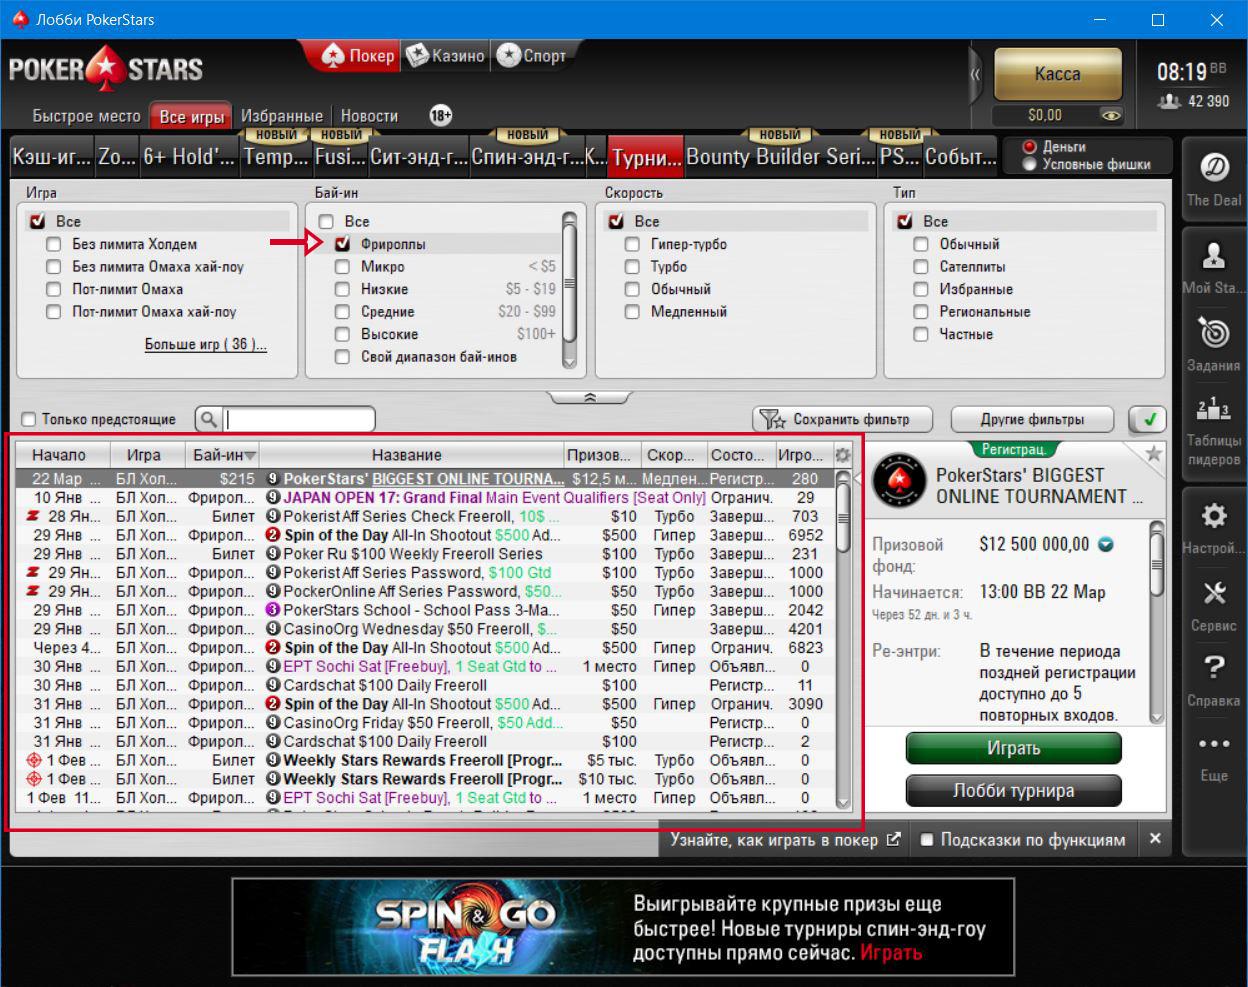 Фрироллы в клиенте рума PokerStars.